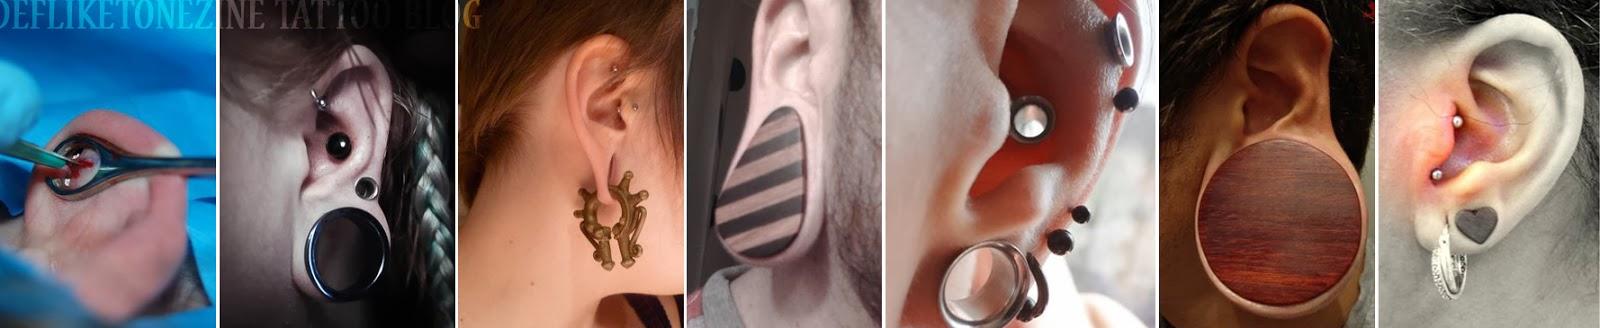 Эротические фотографии девушек с тонелью в мочке уха — photo 2